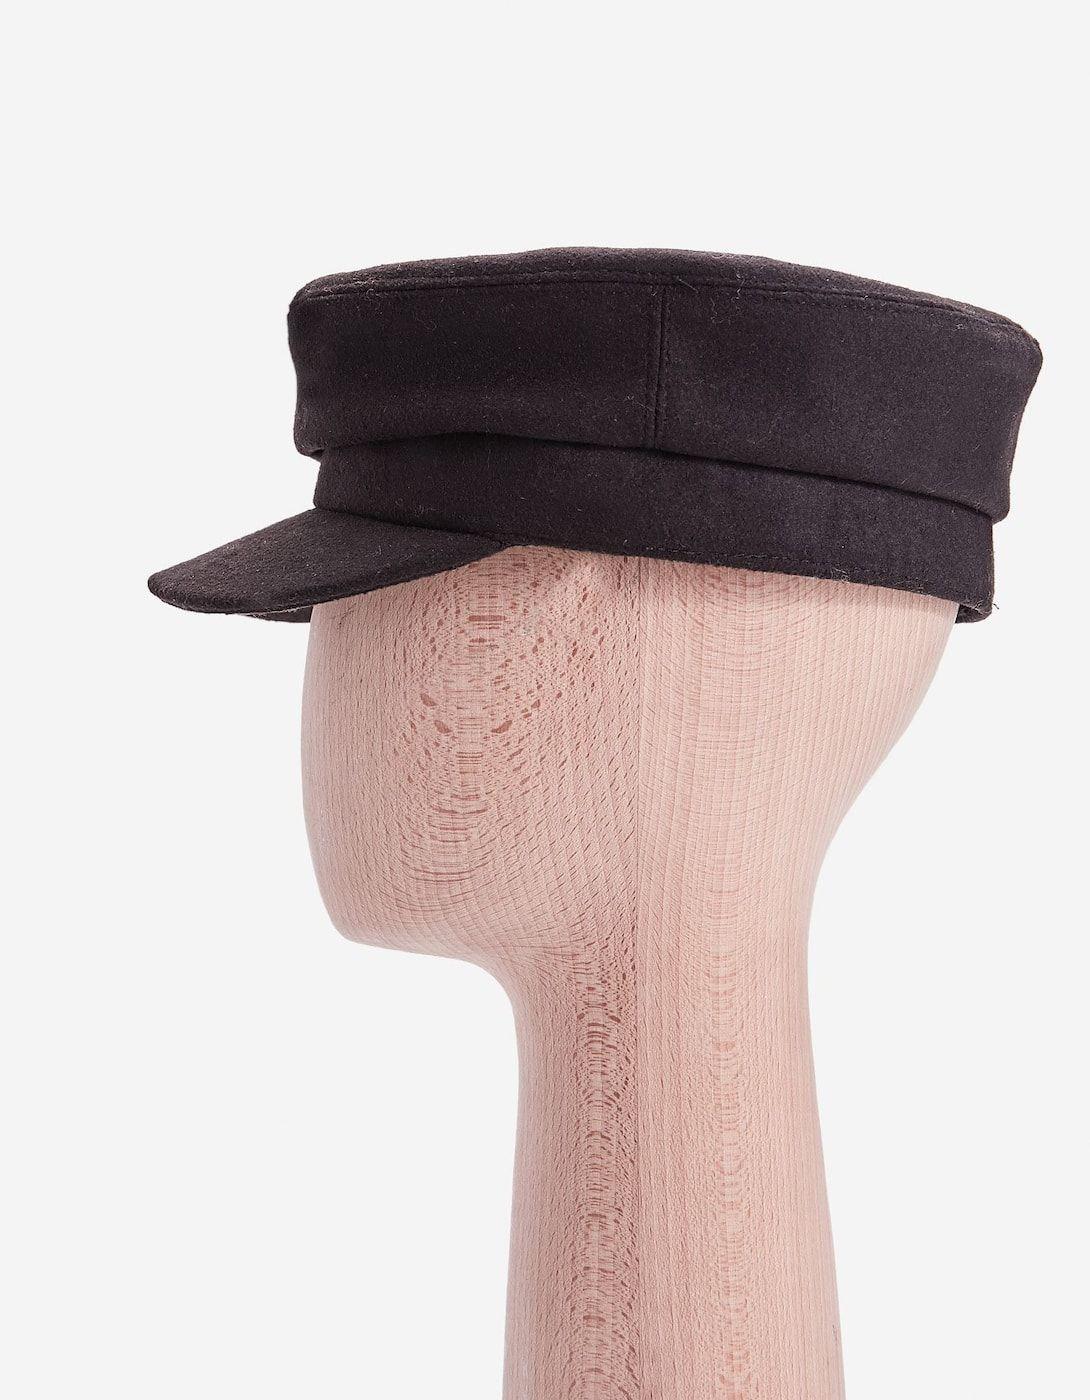 Gorra marinera - Gorros y sombreros de mujer  4c5618f216c